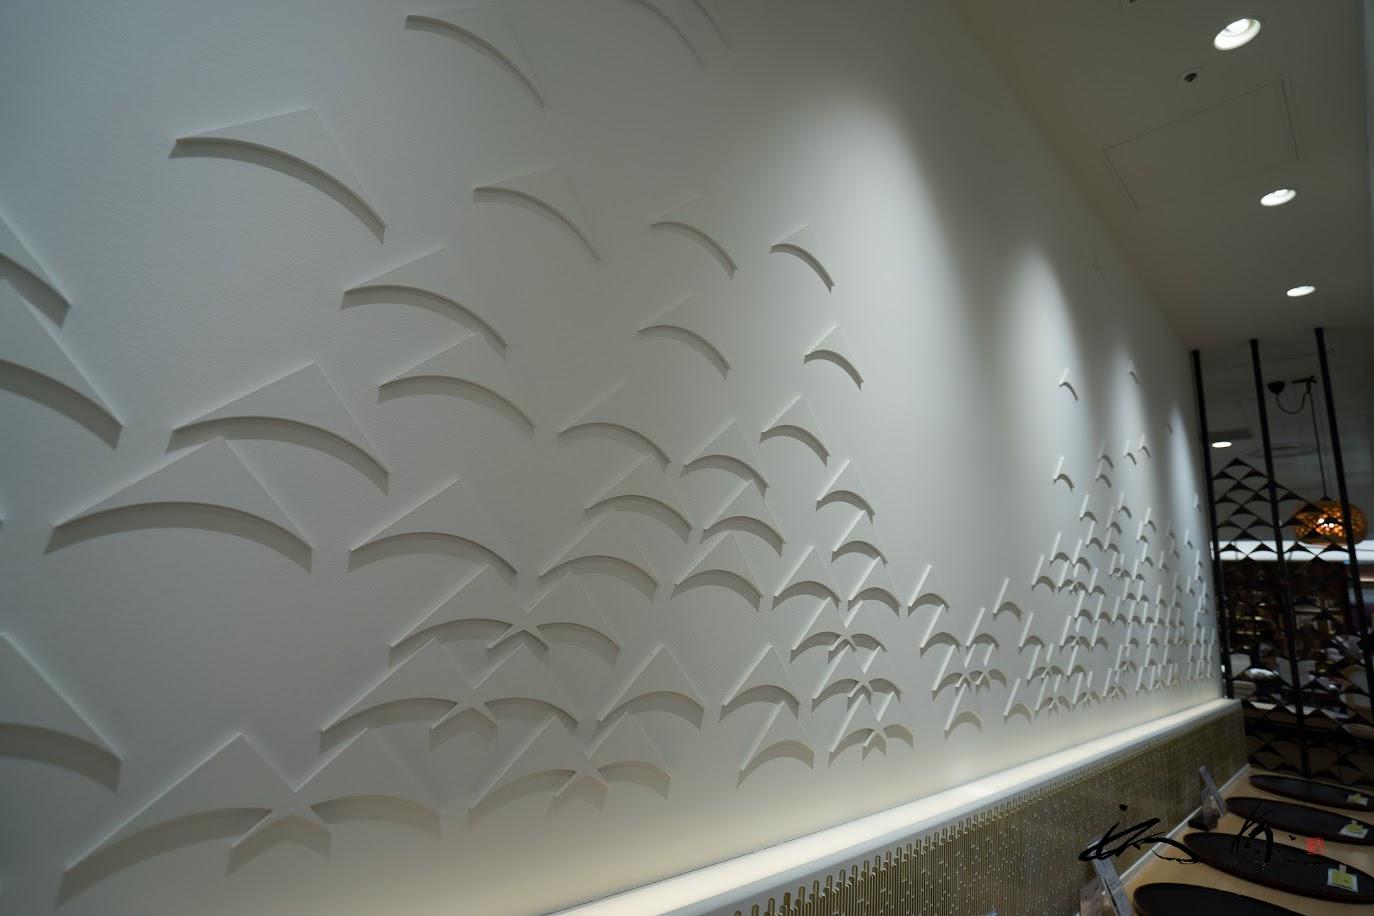 「三山」のマークが施された、繊細でオシャレな壁のデザイン